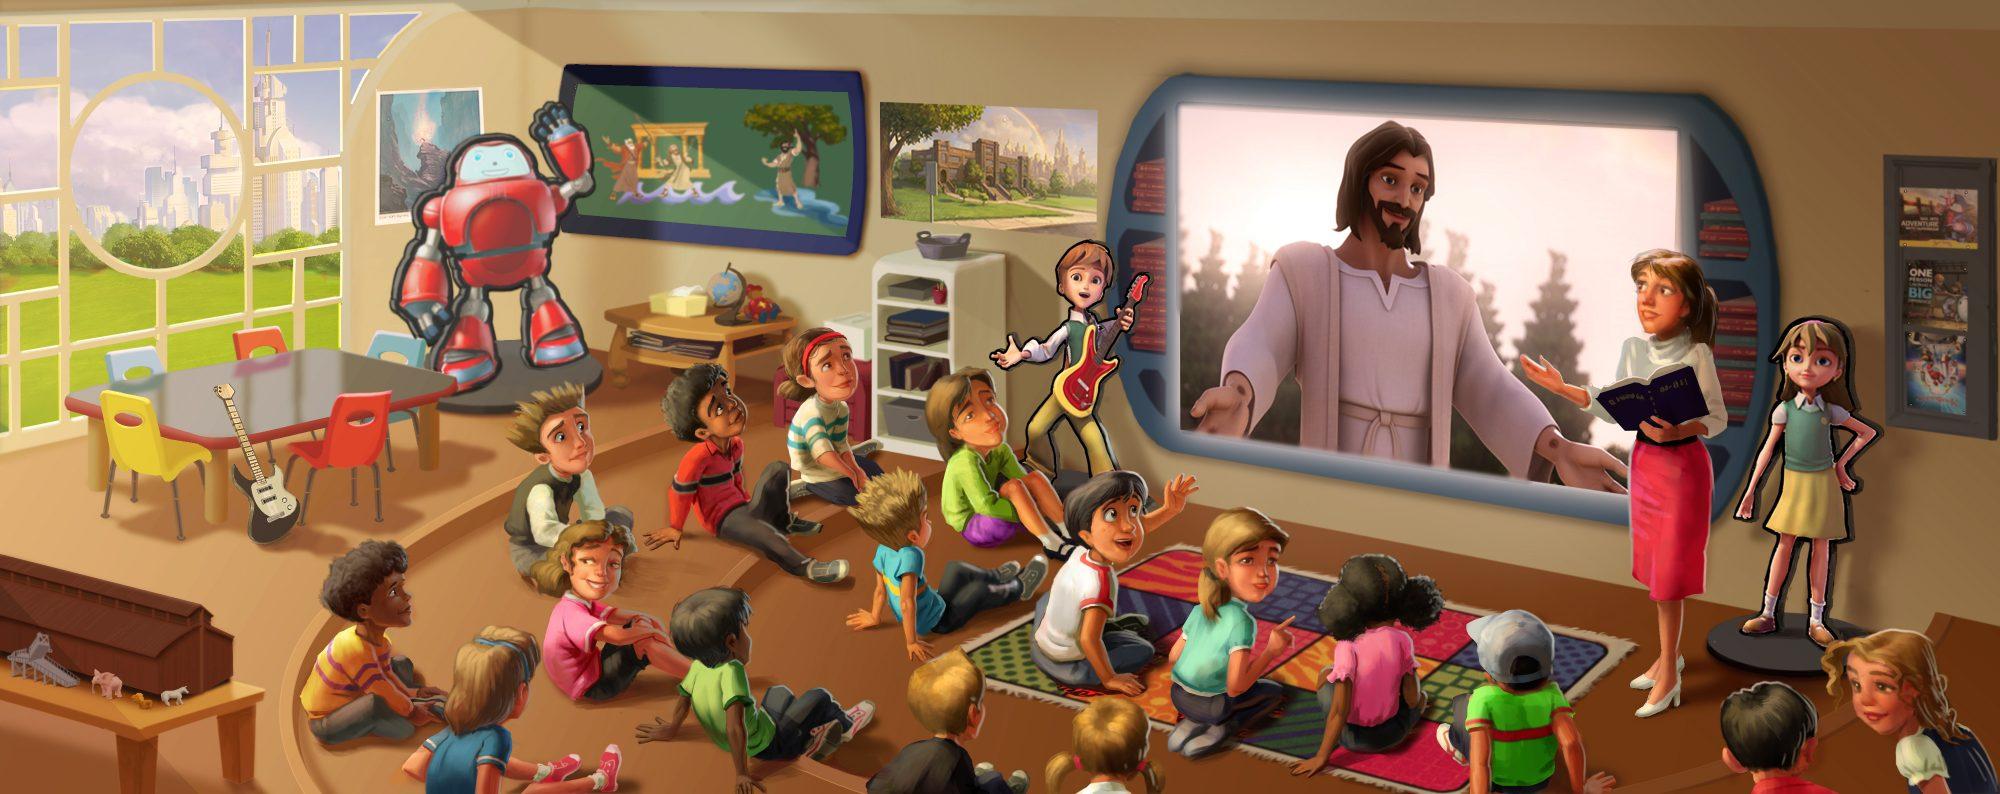 classroom_color_012016